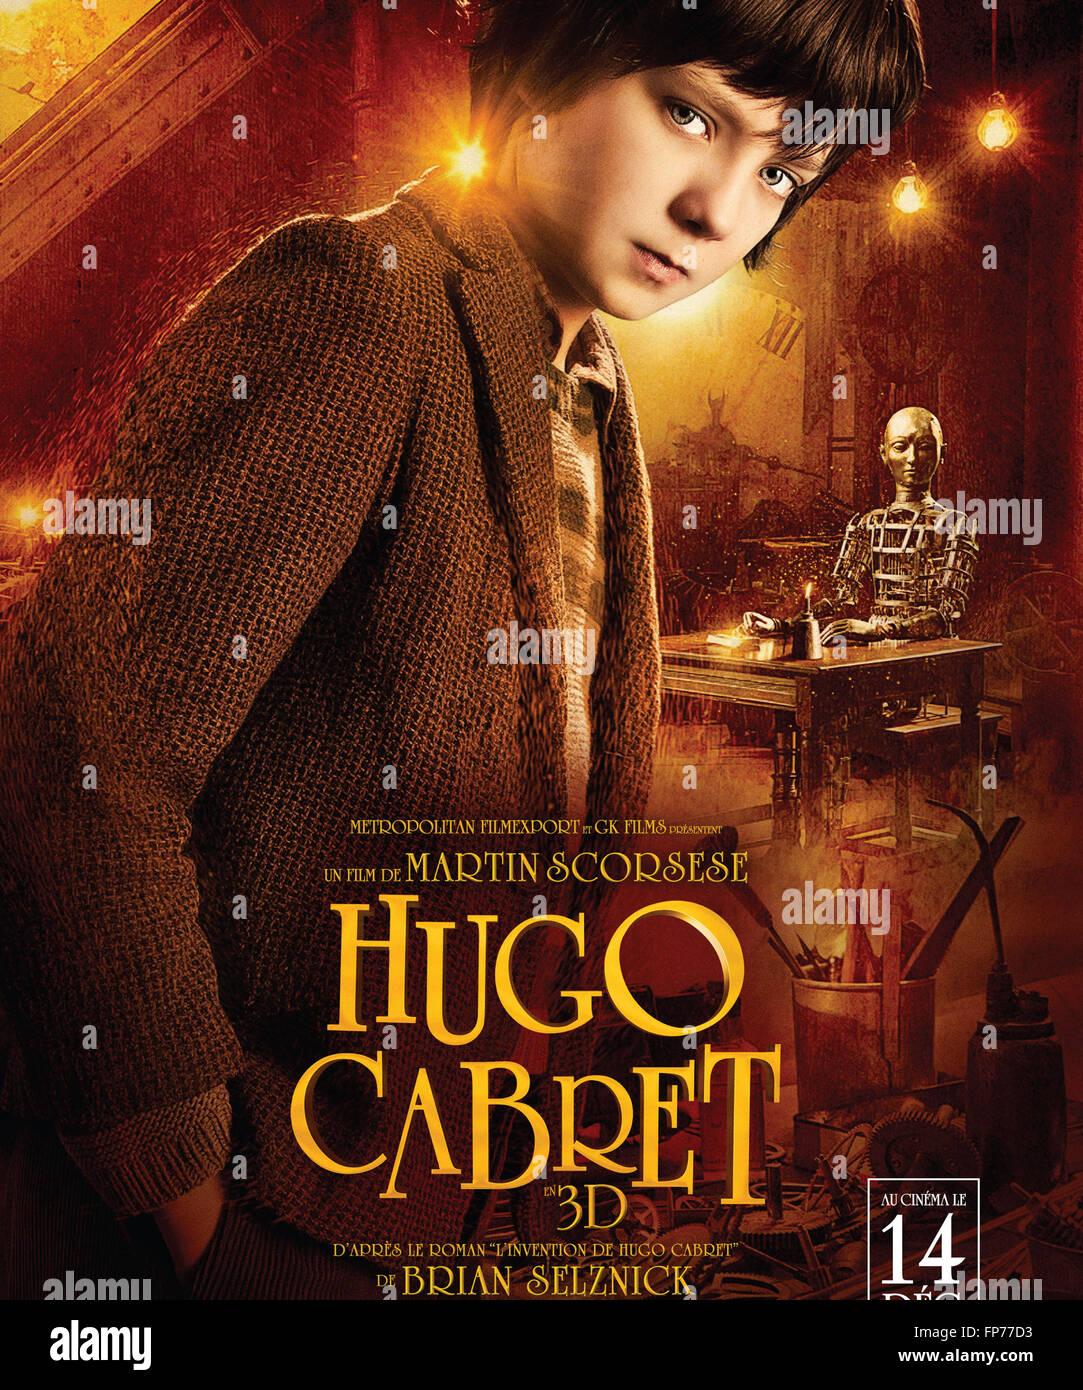 CABRET HUGO TÉLÉCHARGER DVDRIP FILM